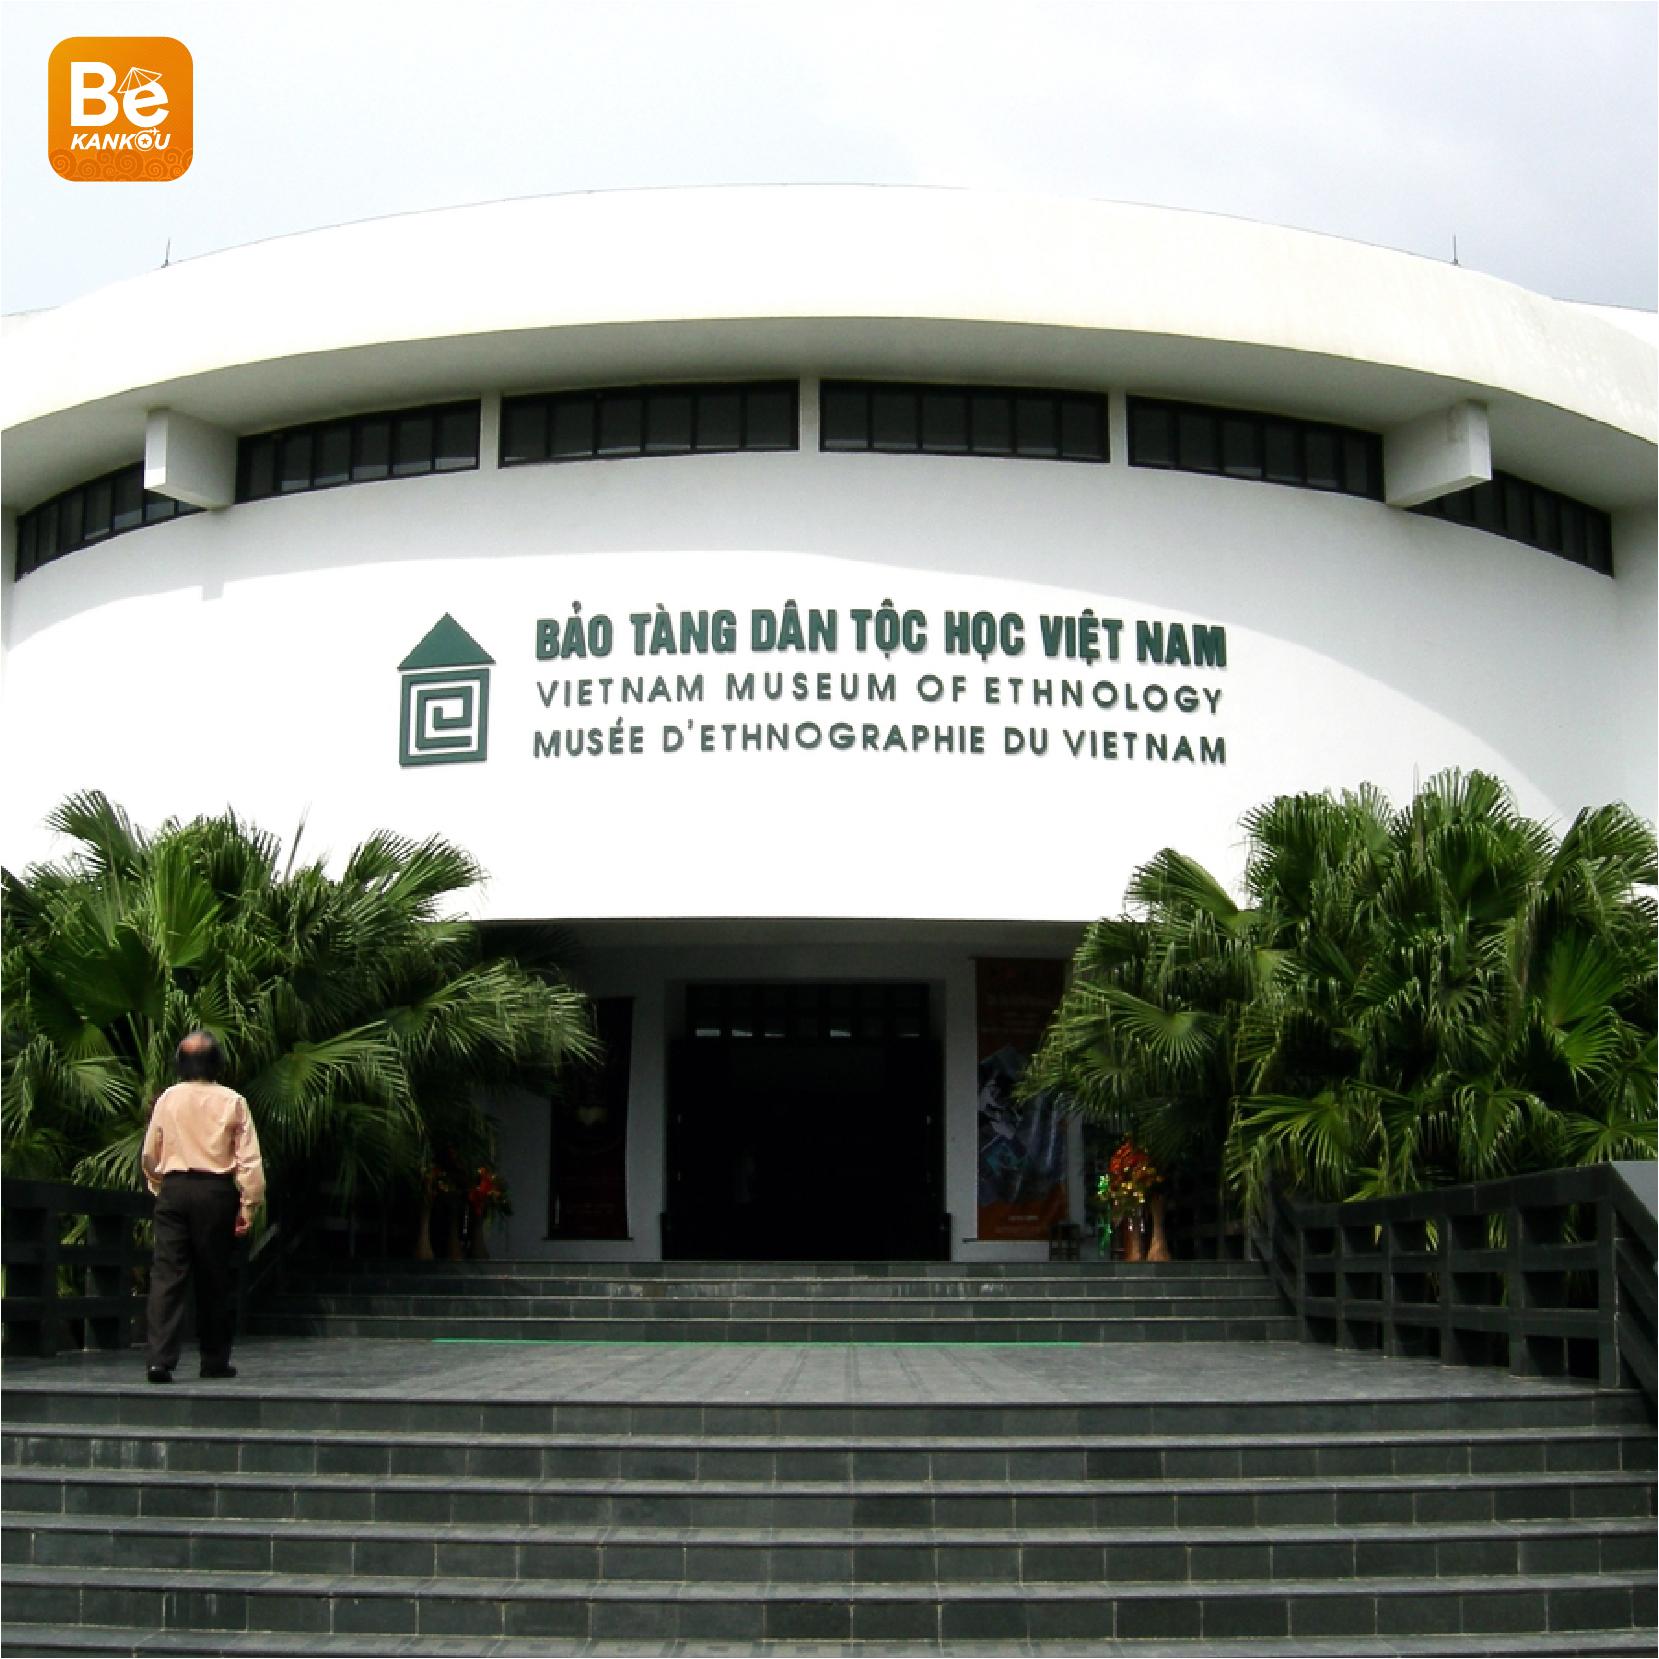 訪れるべきサイゴンでの有名な博物館